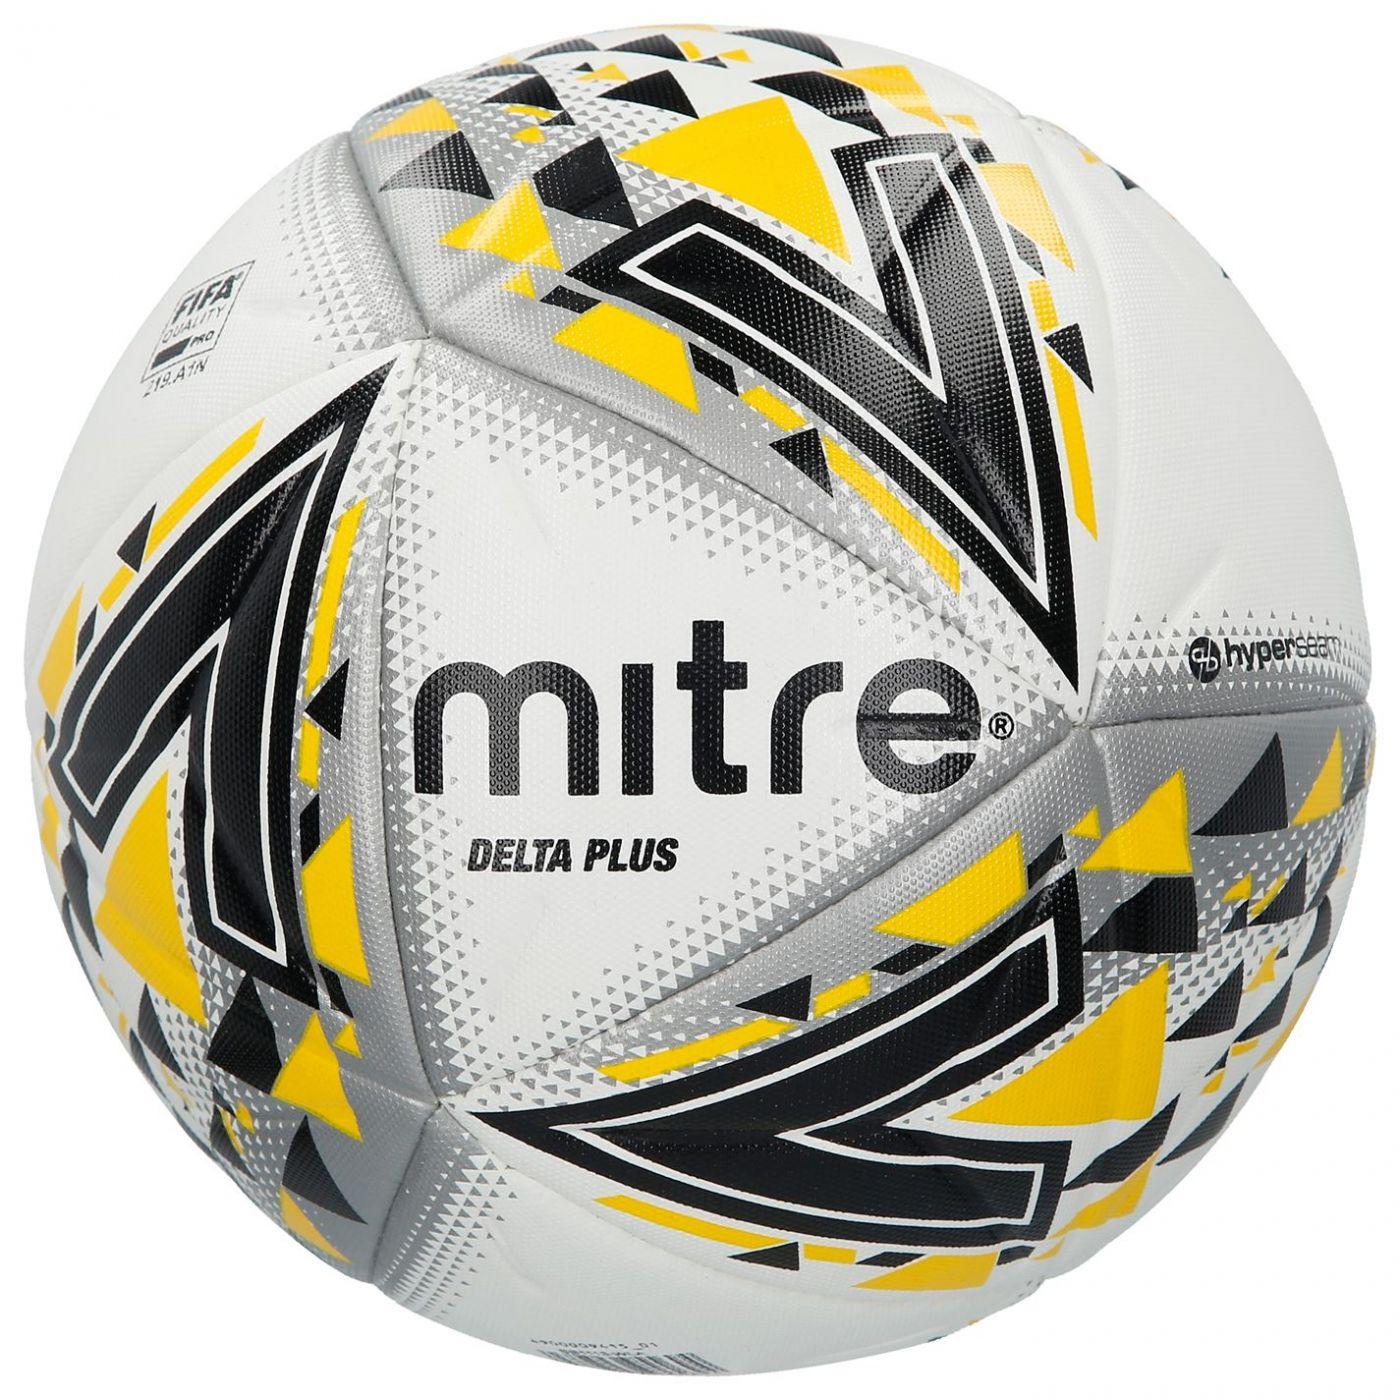 Mitre Delta Plus Football